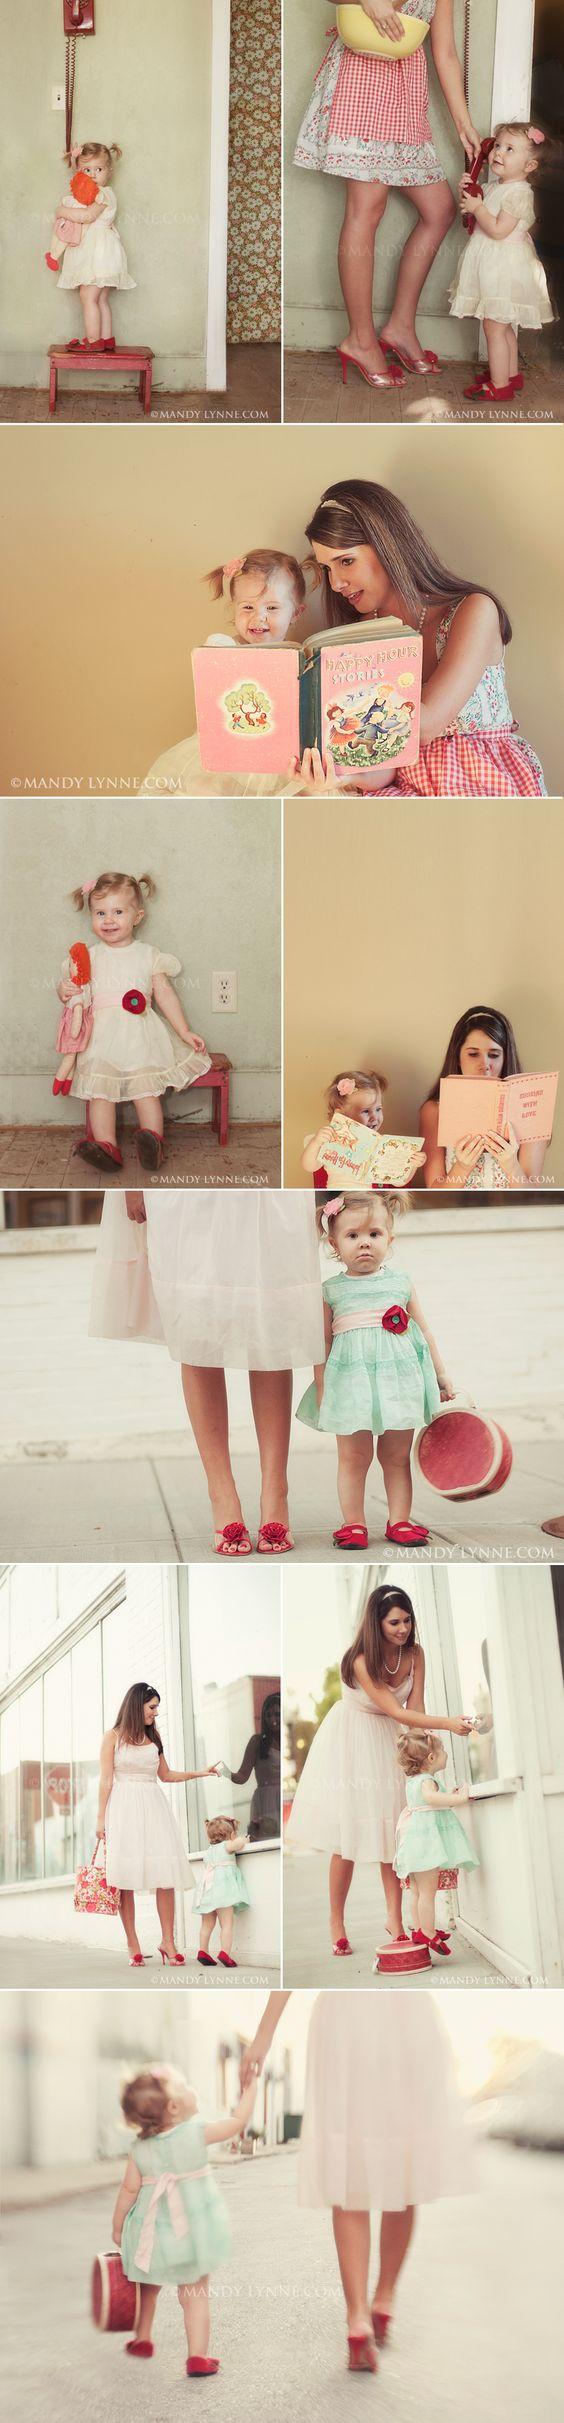 Mother-Daughter photos adore